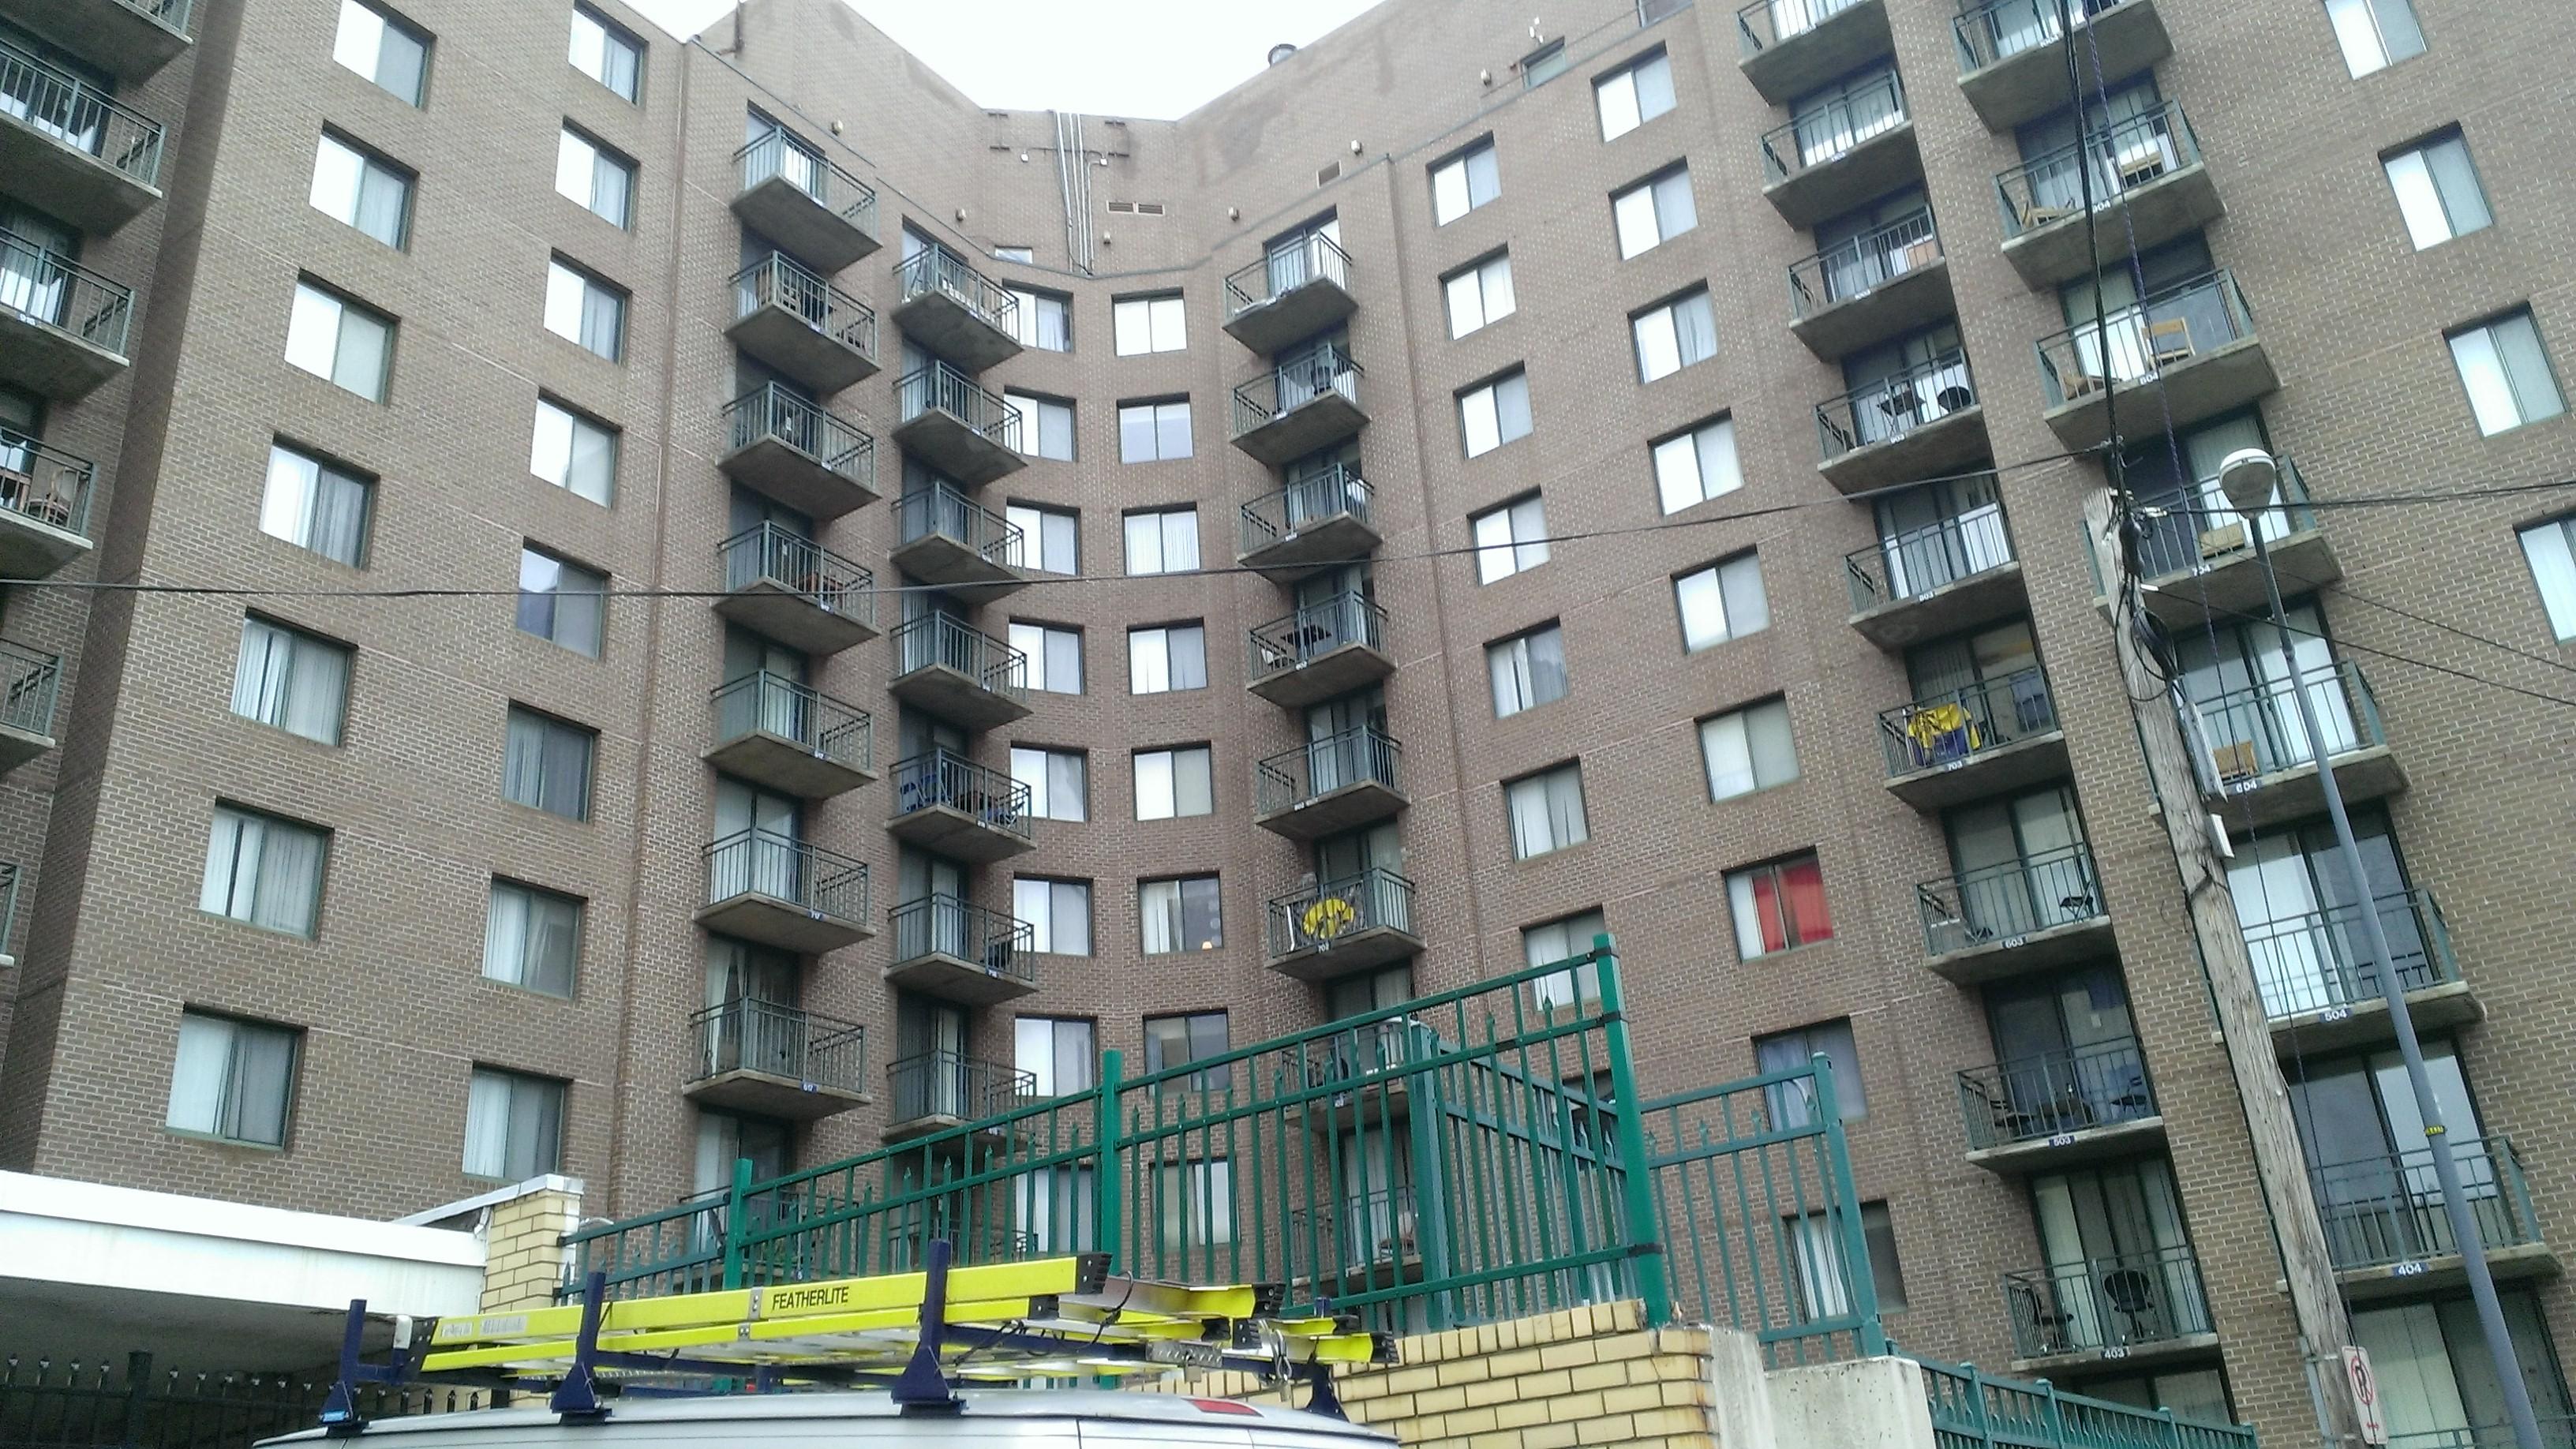 City_Hall_Apartment_Complex,_Snows_Court,_Washington_DC